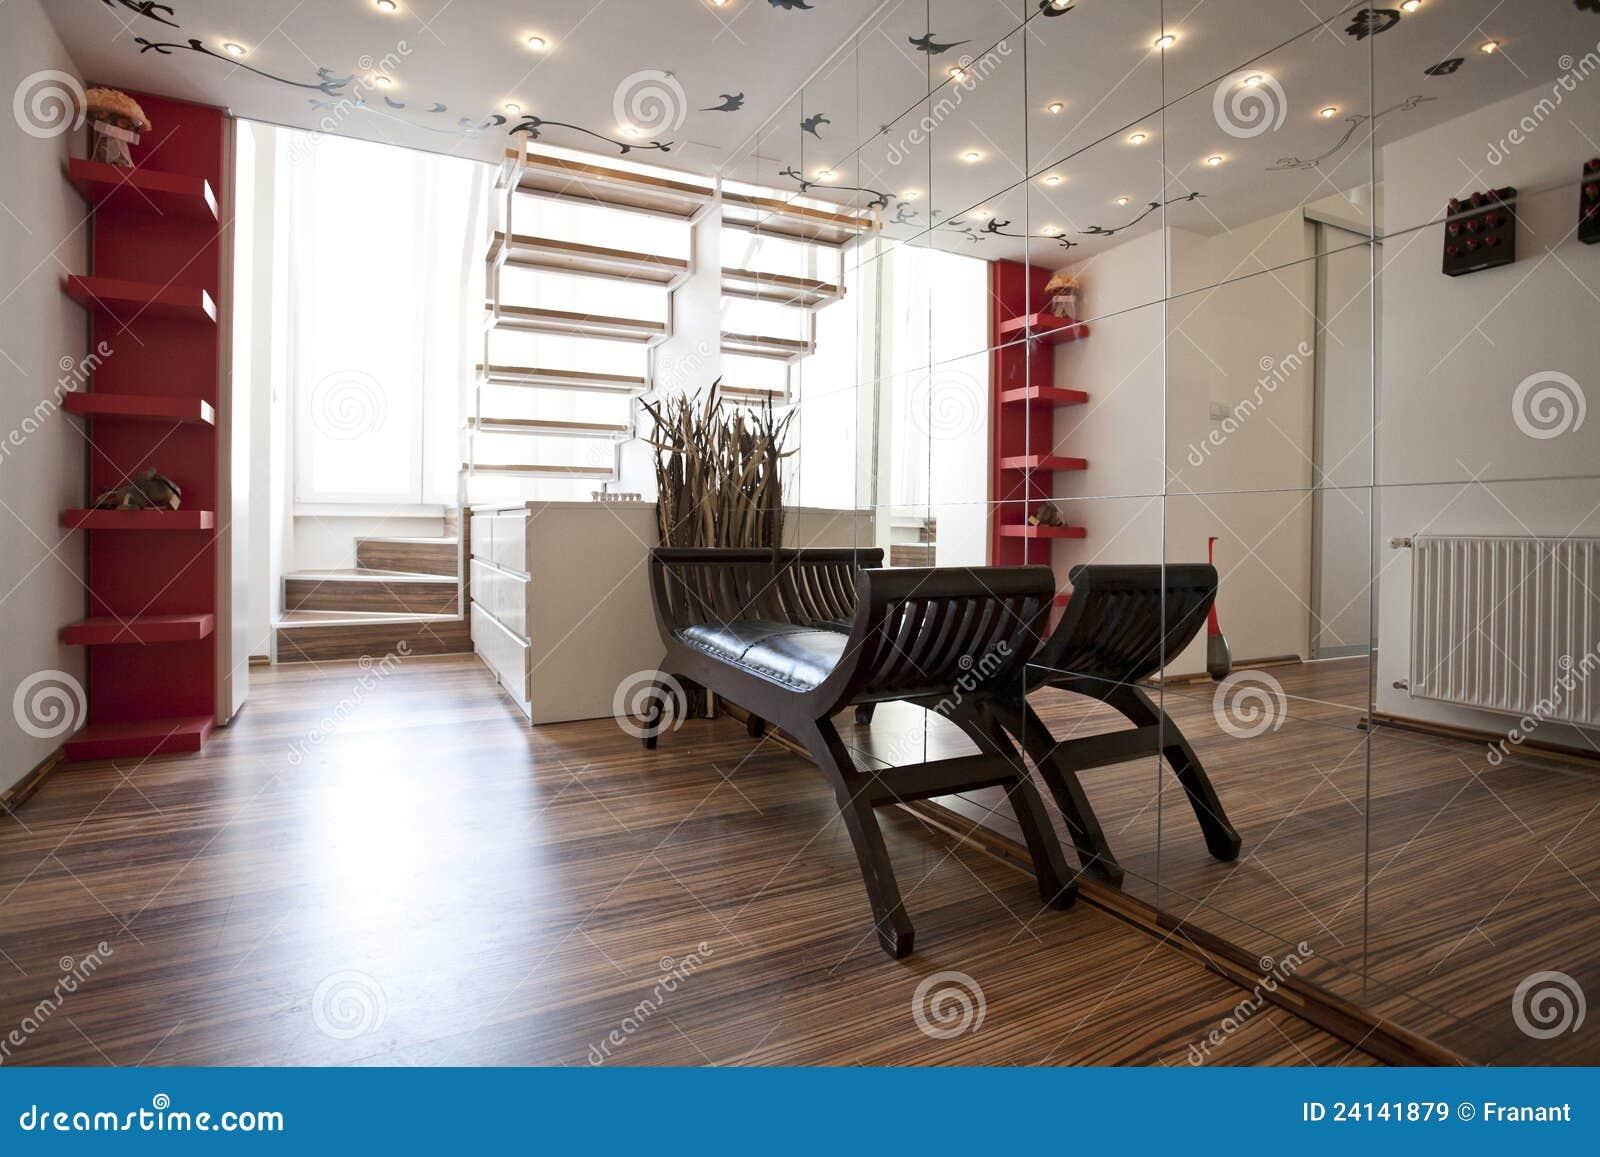 De hal binnenlands ontwerp van het huis stock afbeelding afbeelding 24141879 for Lay outs van het huis hal